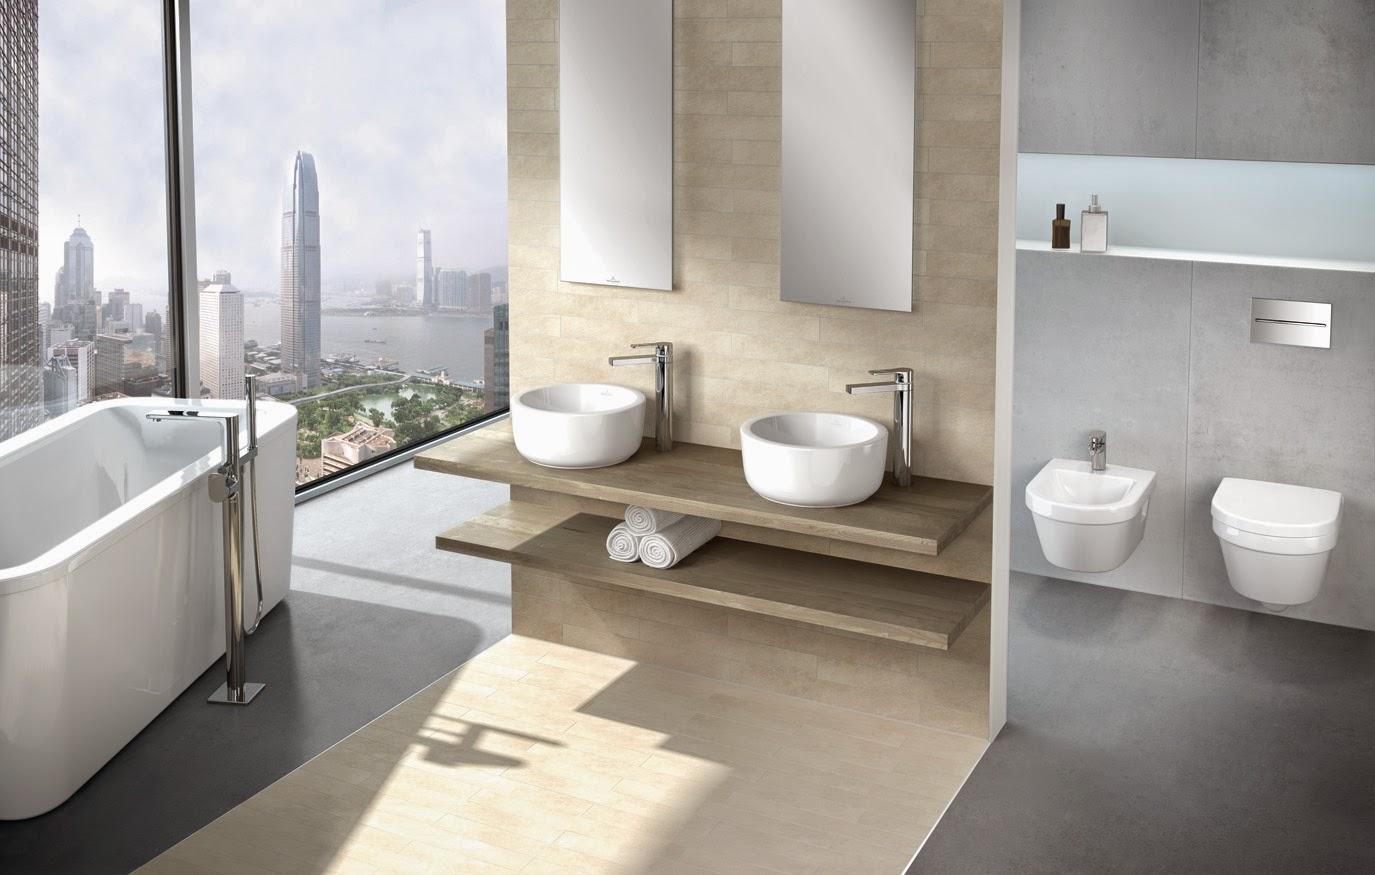 design] diseño, estilo y confort en las propuestas de baño de